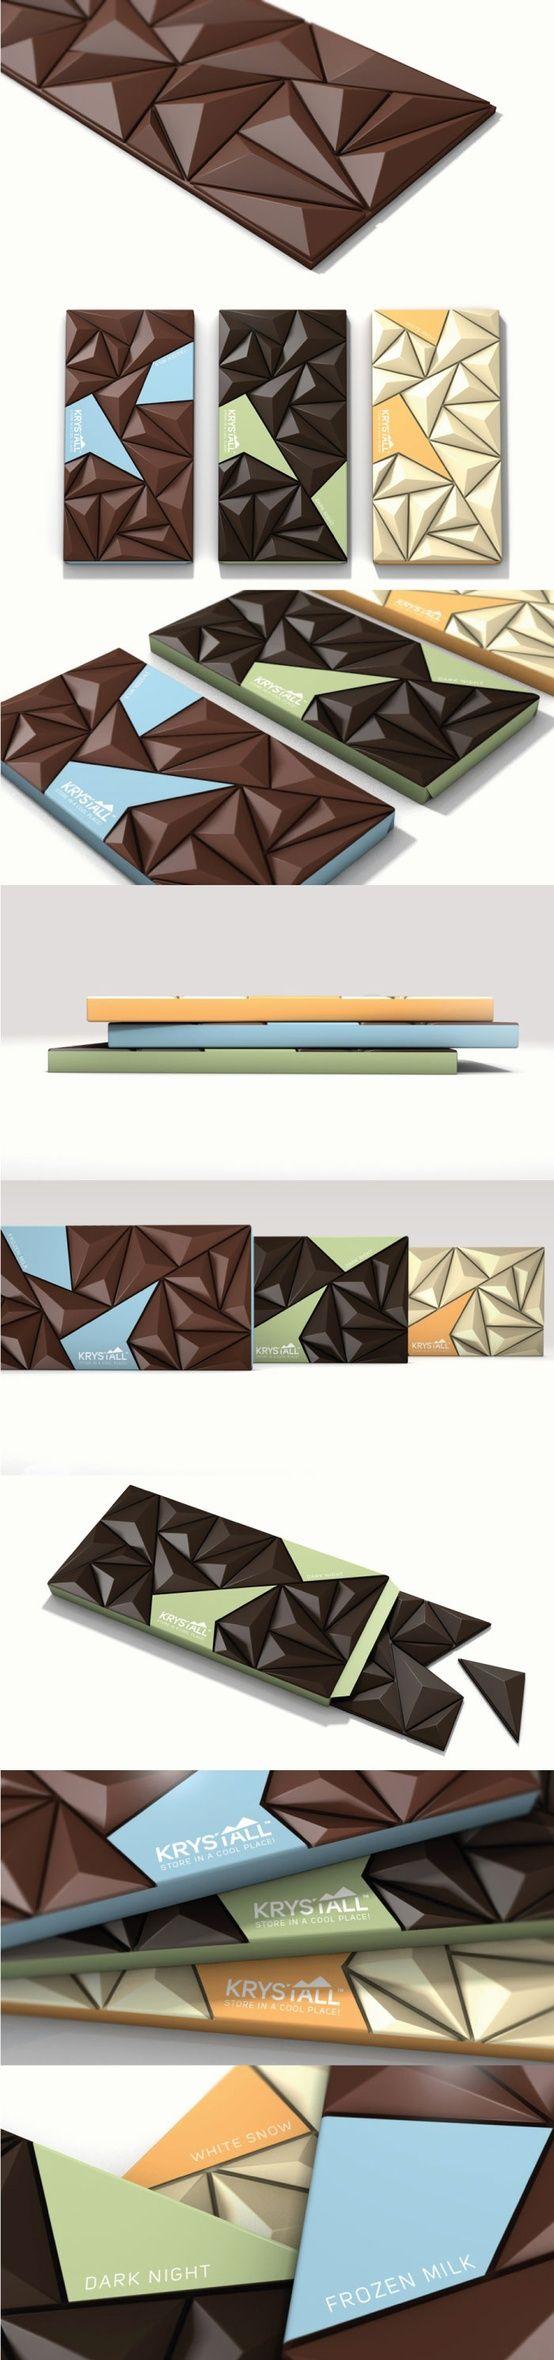 Krystall Packaging